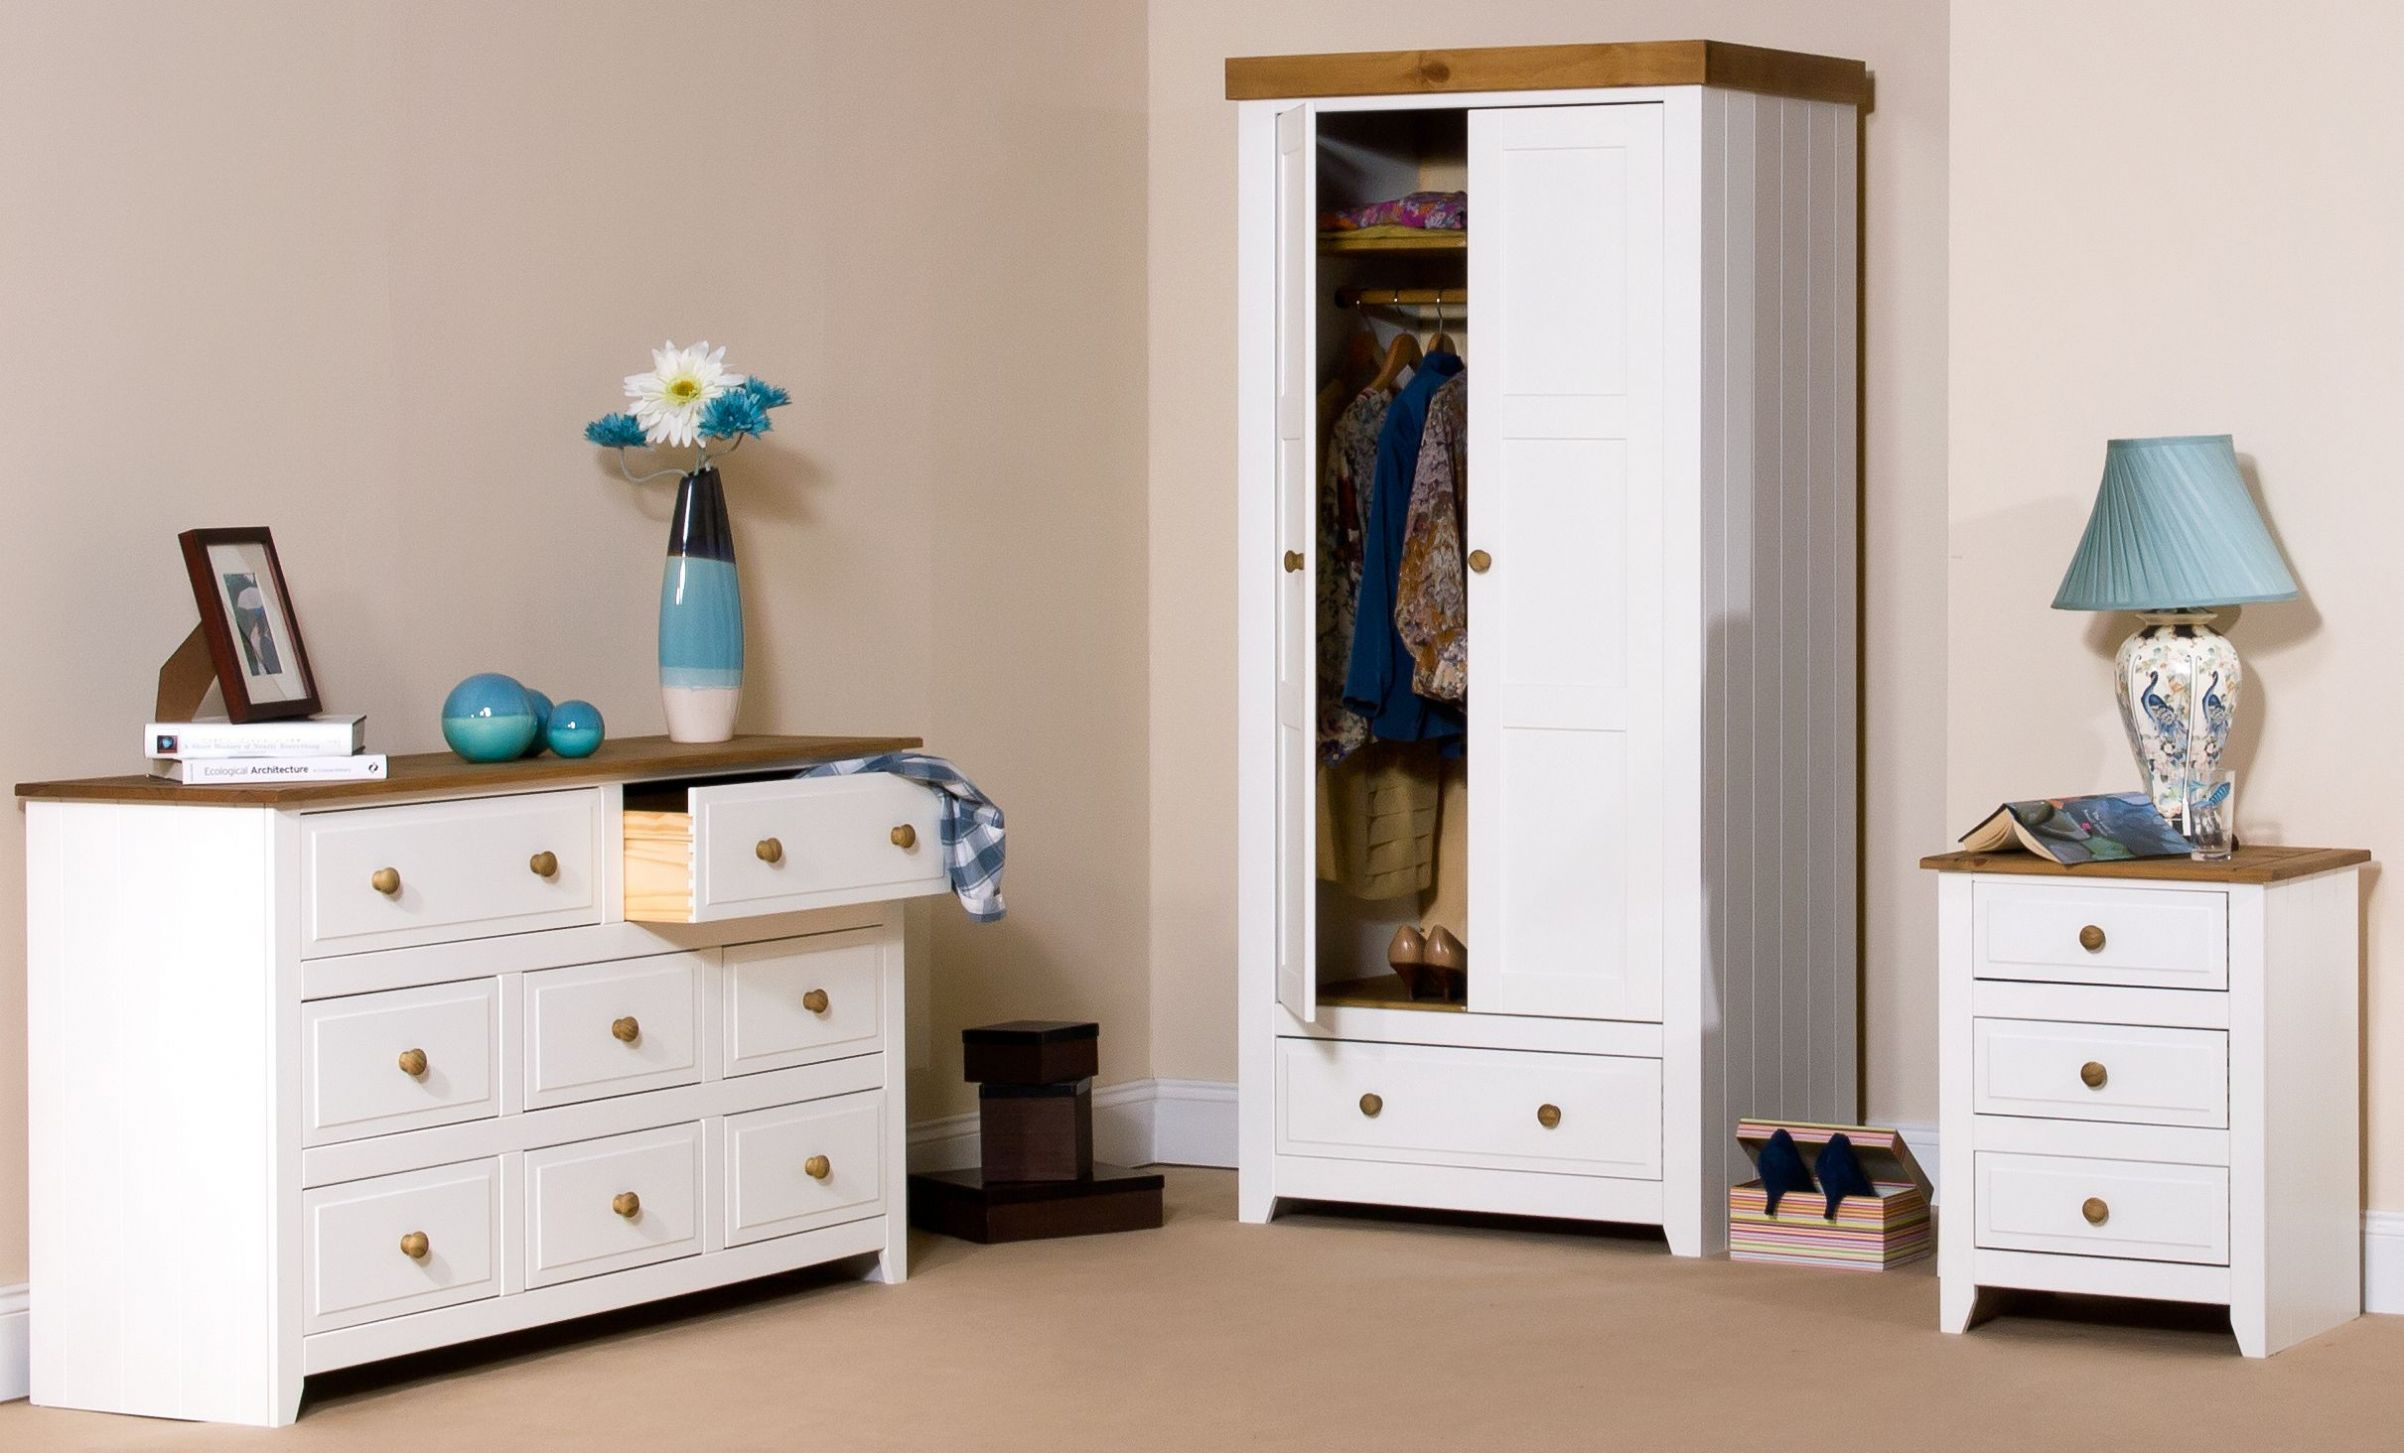 solid wood bedroom furniture for kids - 20 tips for best